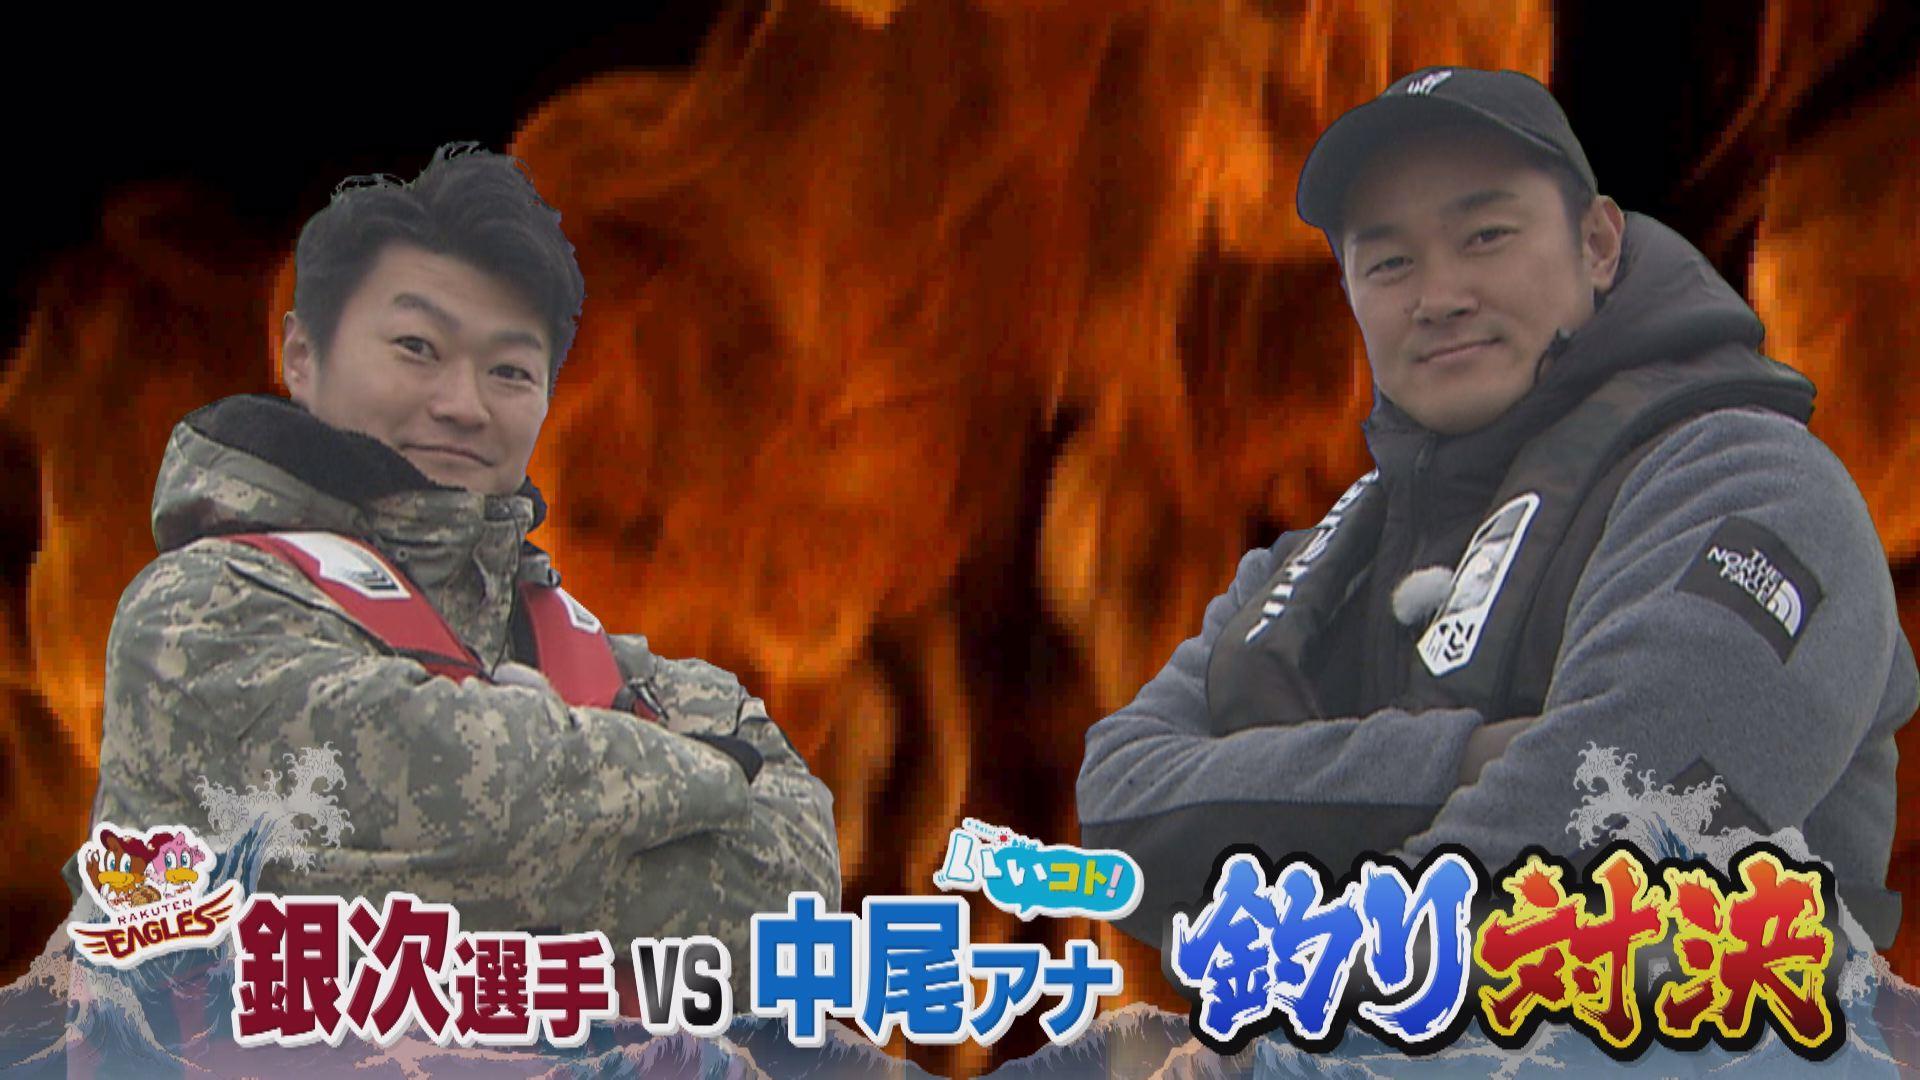 「楽天・銀次vs中尾アナ 釣り対決」